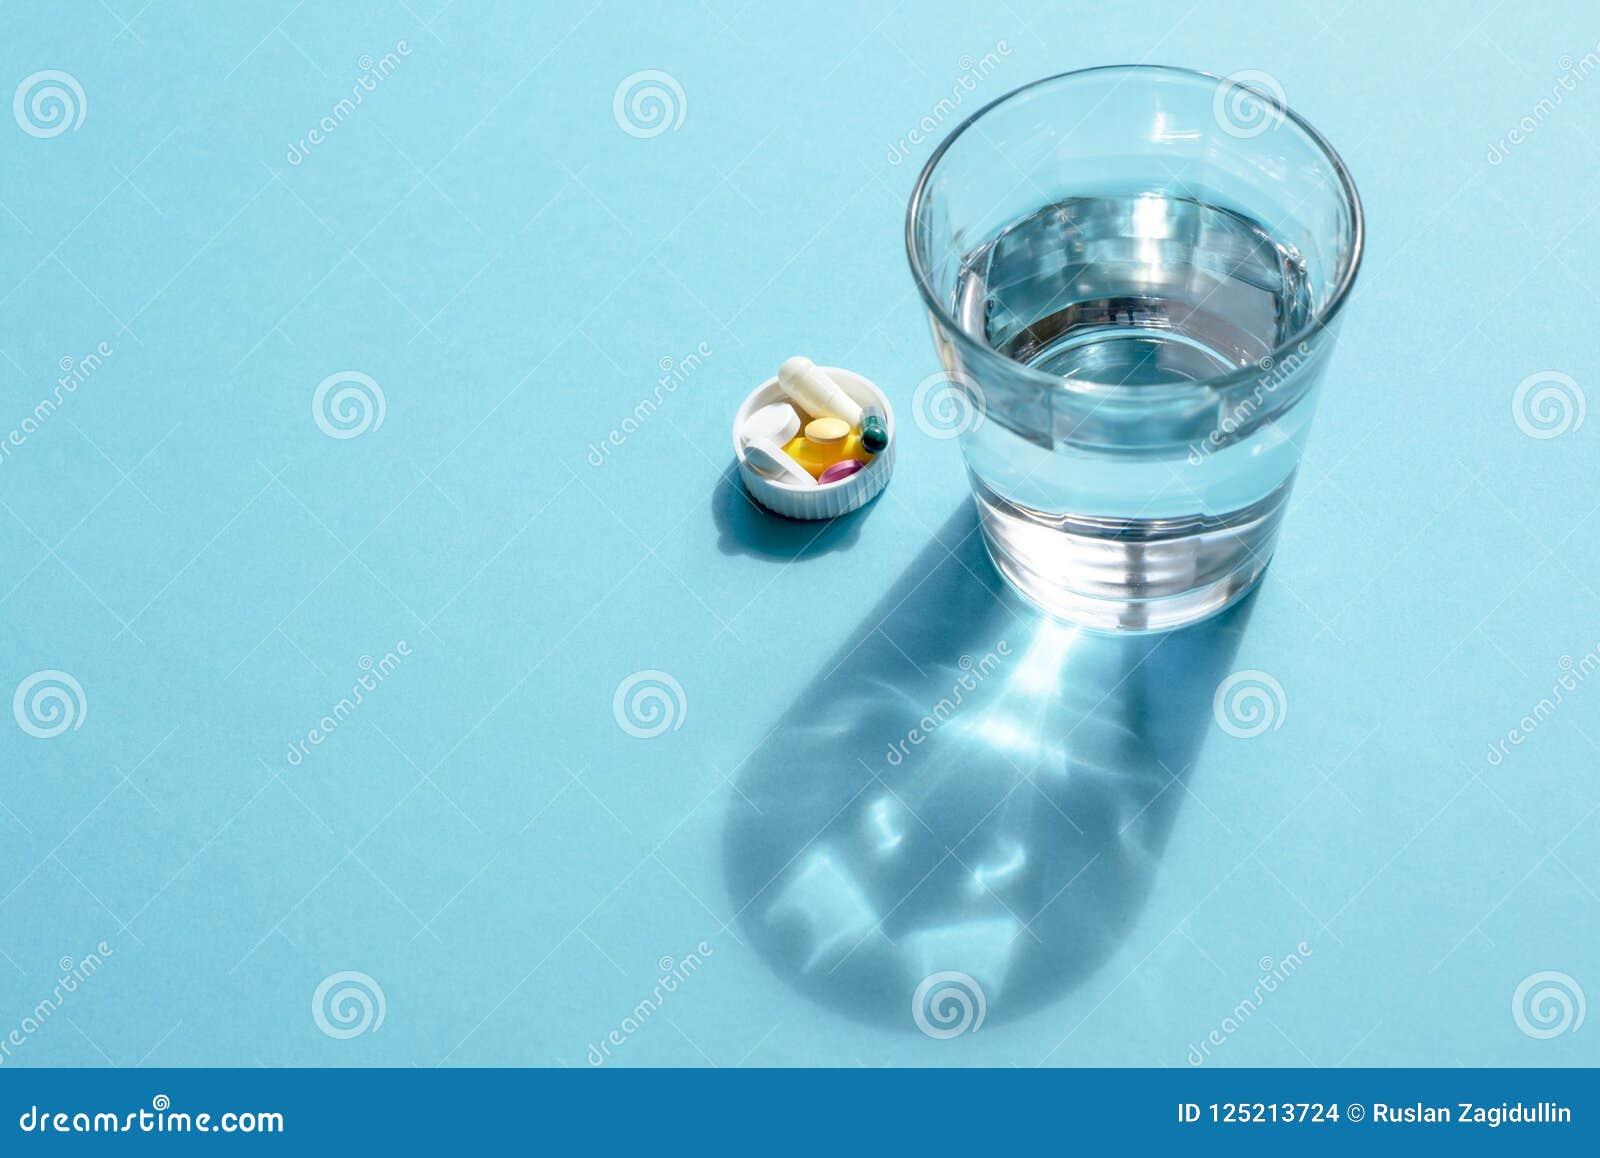 Wässern Sie in einer transparenten Glasschale und in einer Dosis von Tabletten im Deckel auf einer blauen Oberfläche